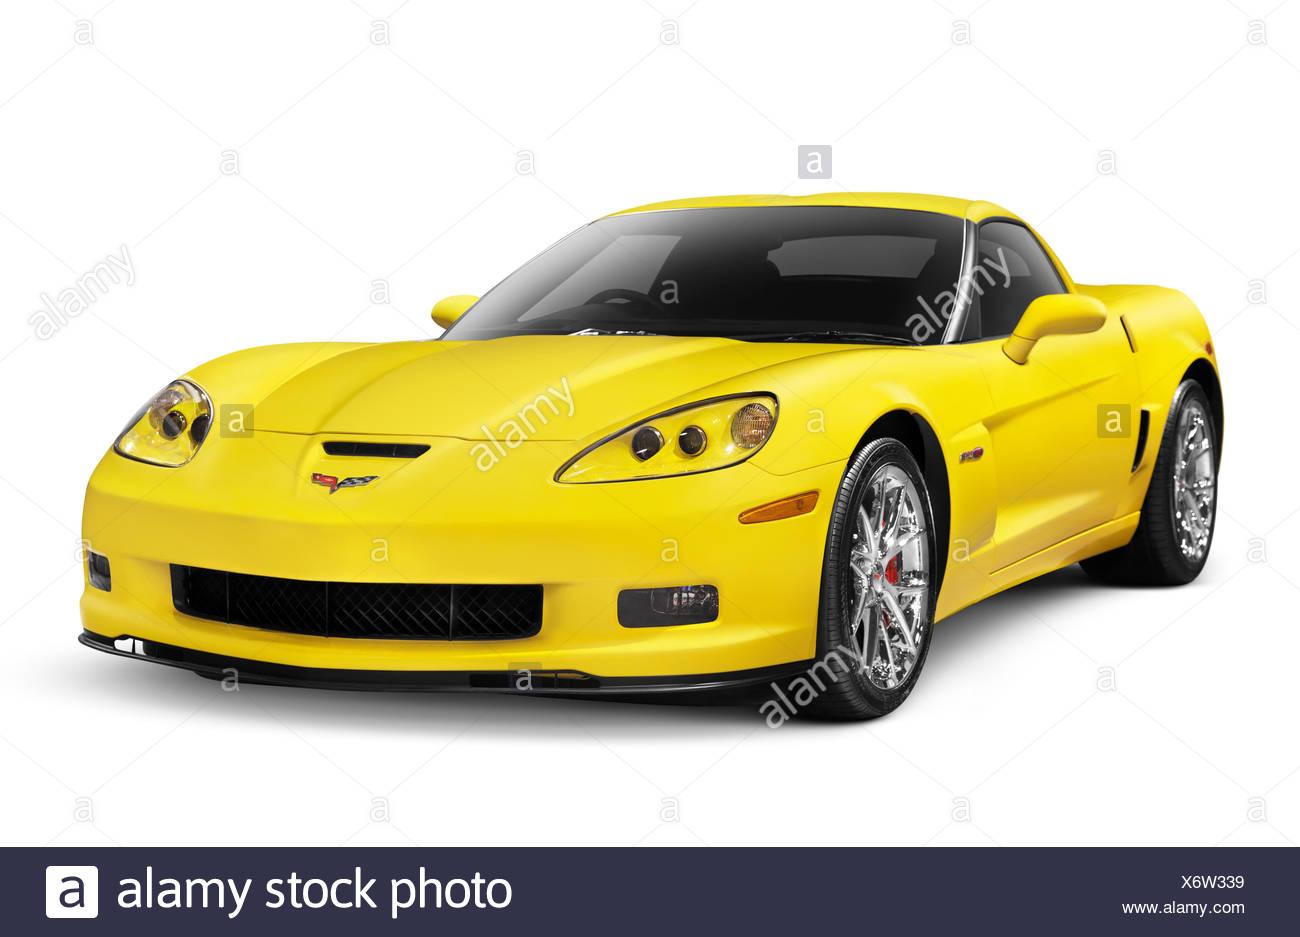 Gelb 2010 Chevrolet Corvette Z06 Sportwagen Stockbild